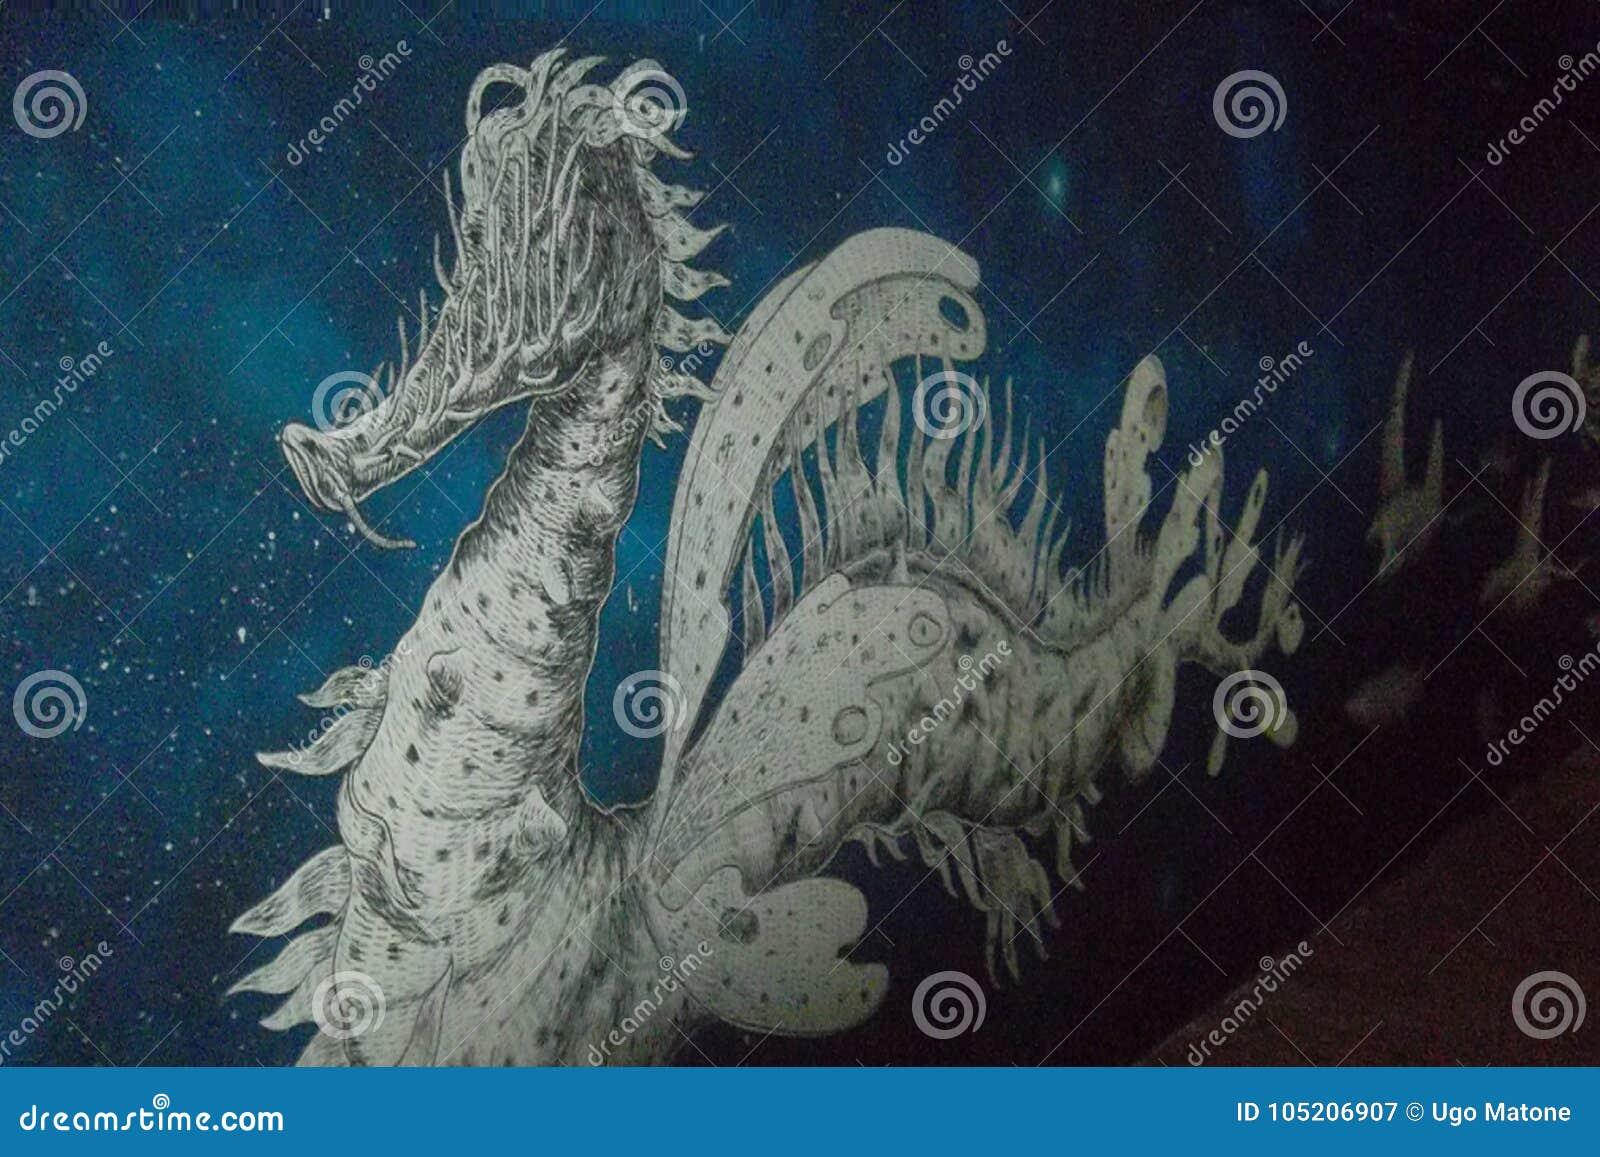 Wandgemälde, das einen Drachen darstellt